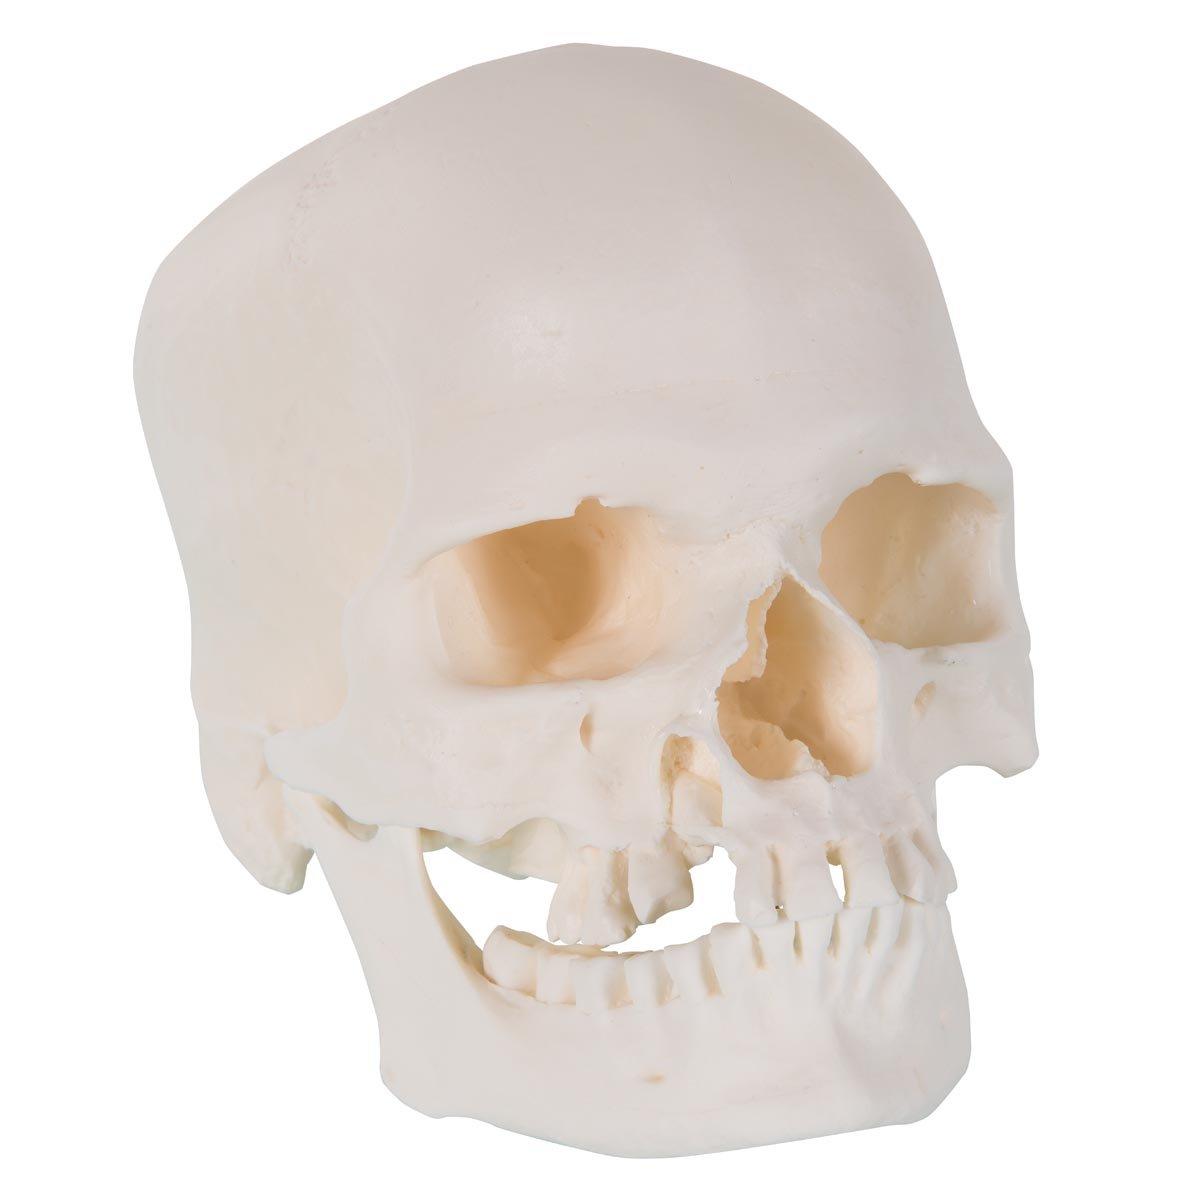 9.1 x 6.5 x 6.7 9.1 x 6.5 x 6.7 3B Scientific A29//1 Microcephalic Human Skull Model